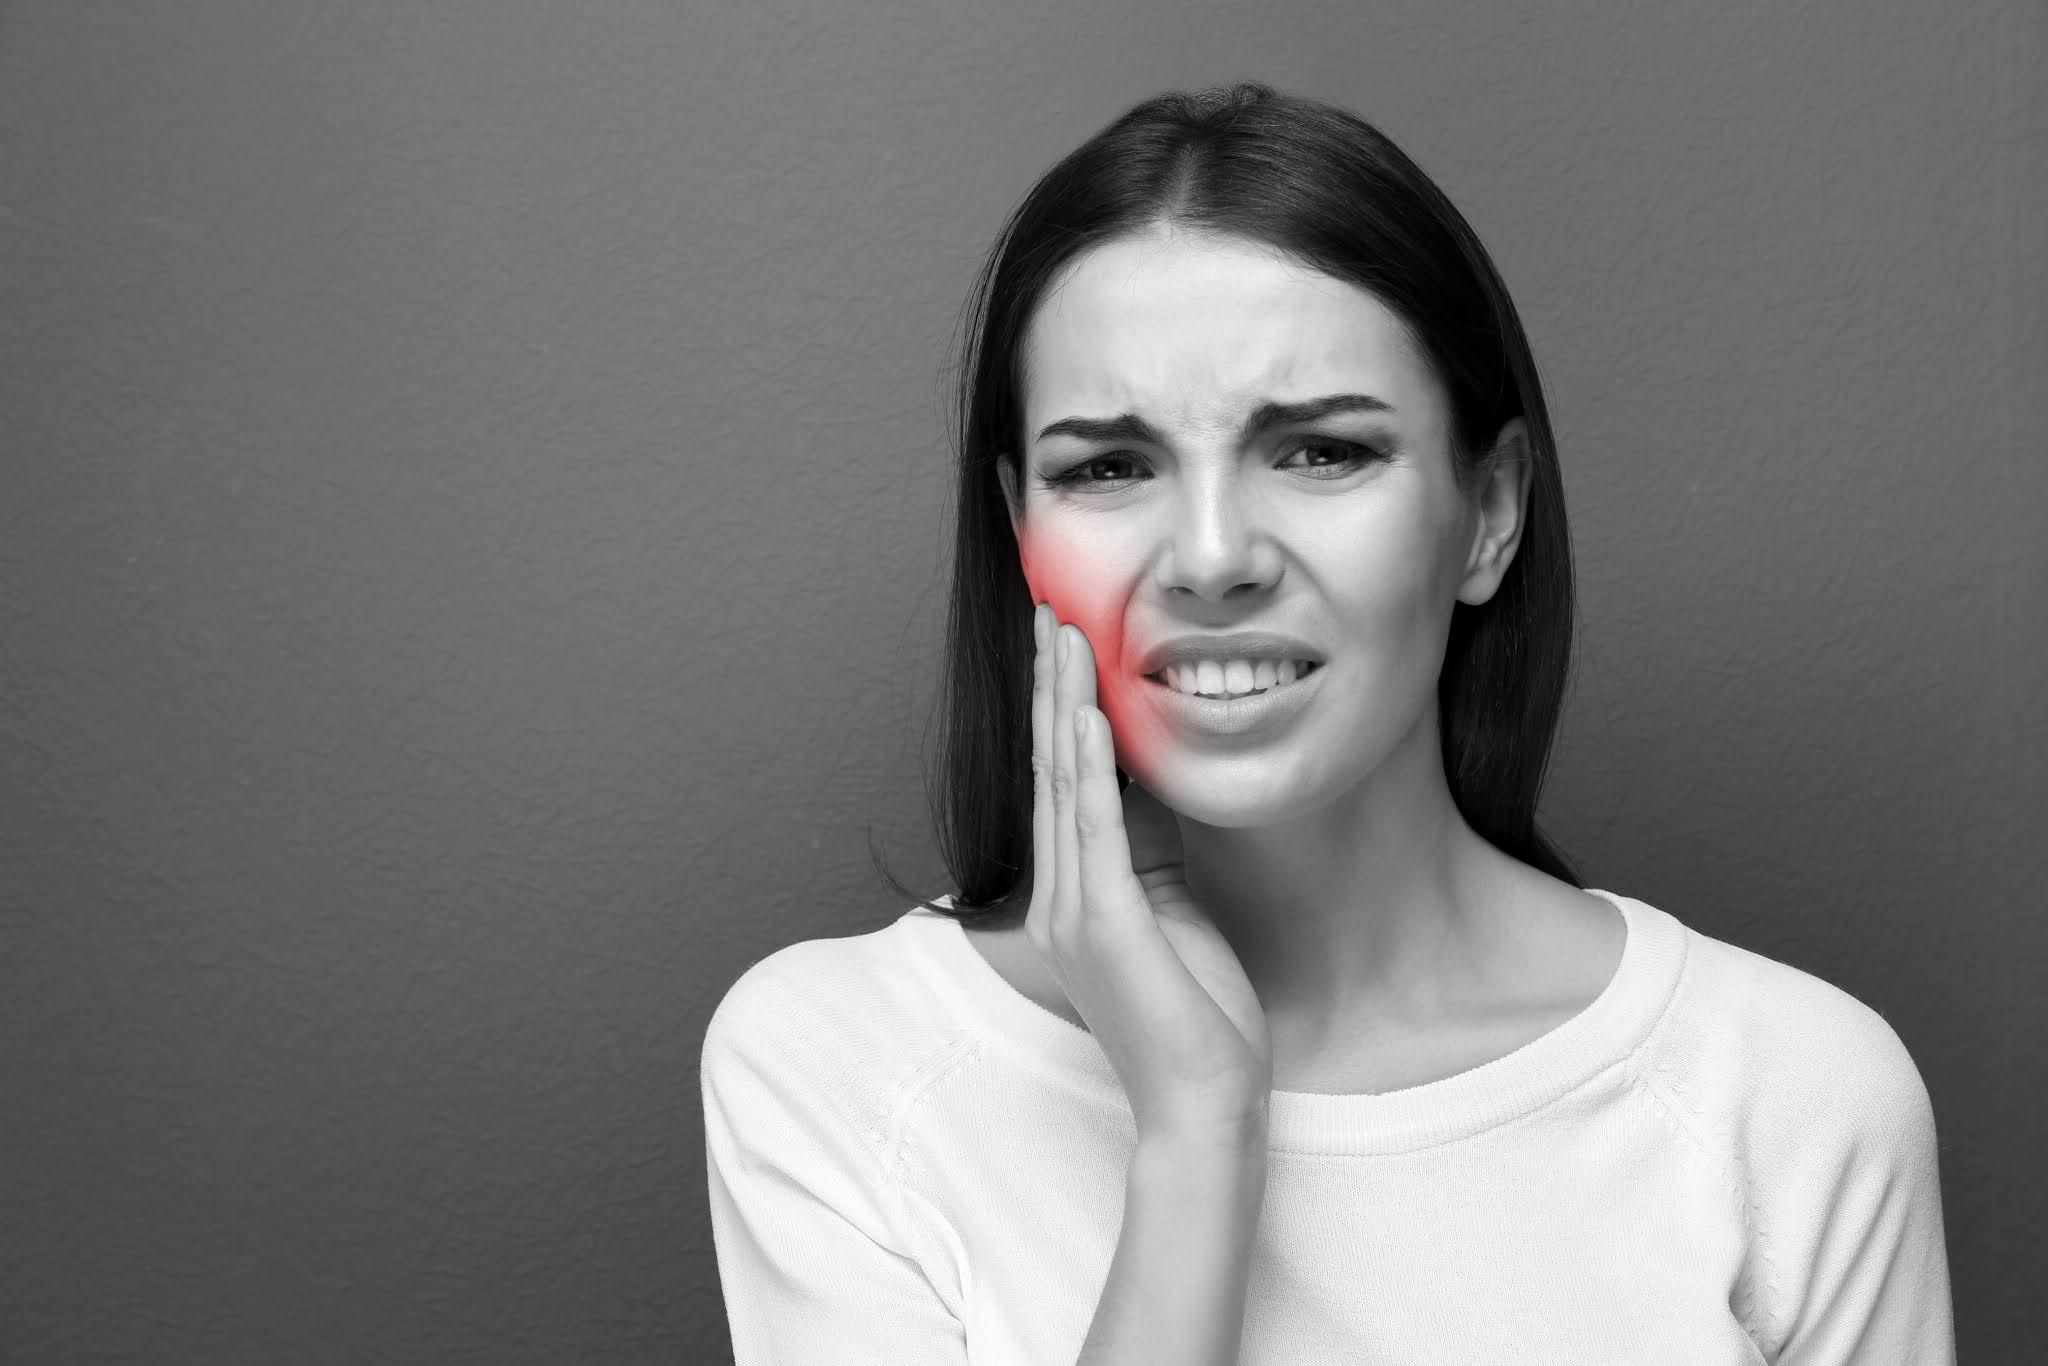 दाढ दुखीवर सोपा घरगुती उपाय - दात दुखीवर घरगुती उपाय